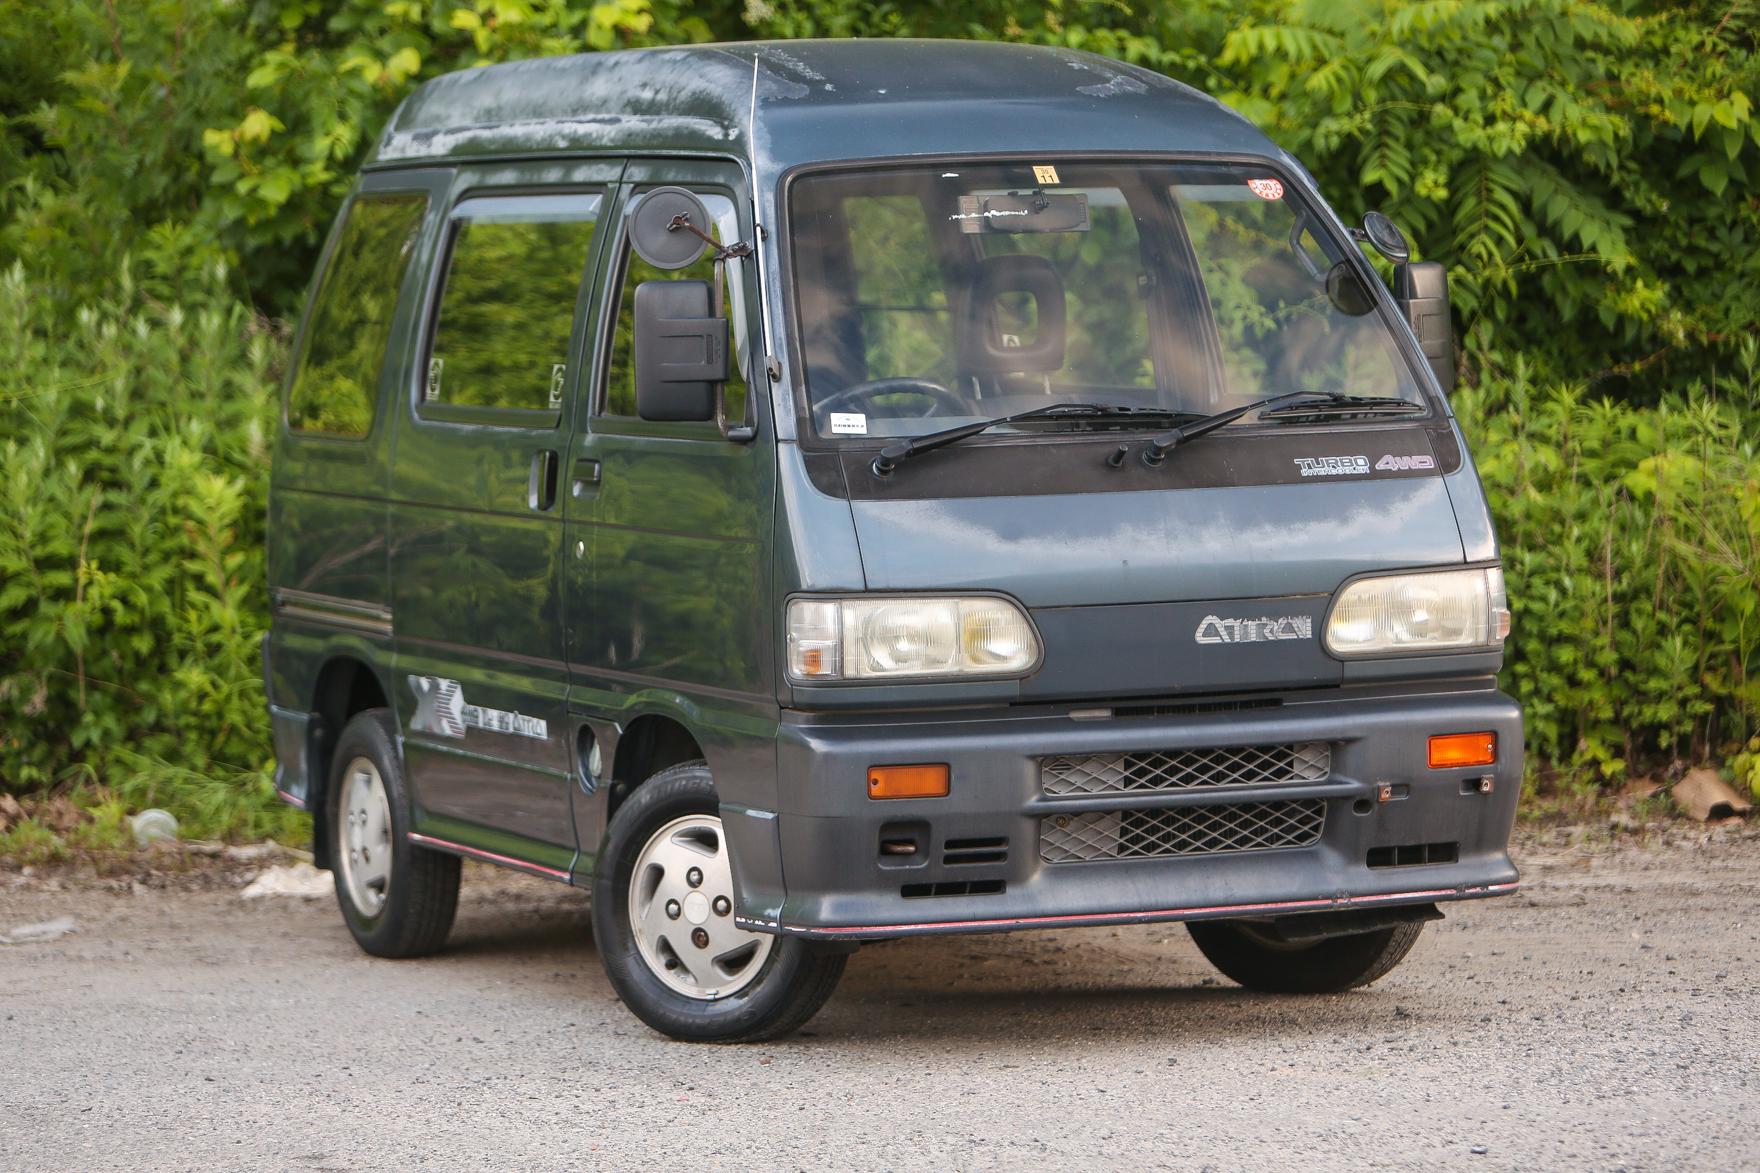 1990 Daihatsu Atrai Turbo - Asking Price $8,500